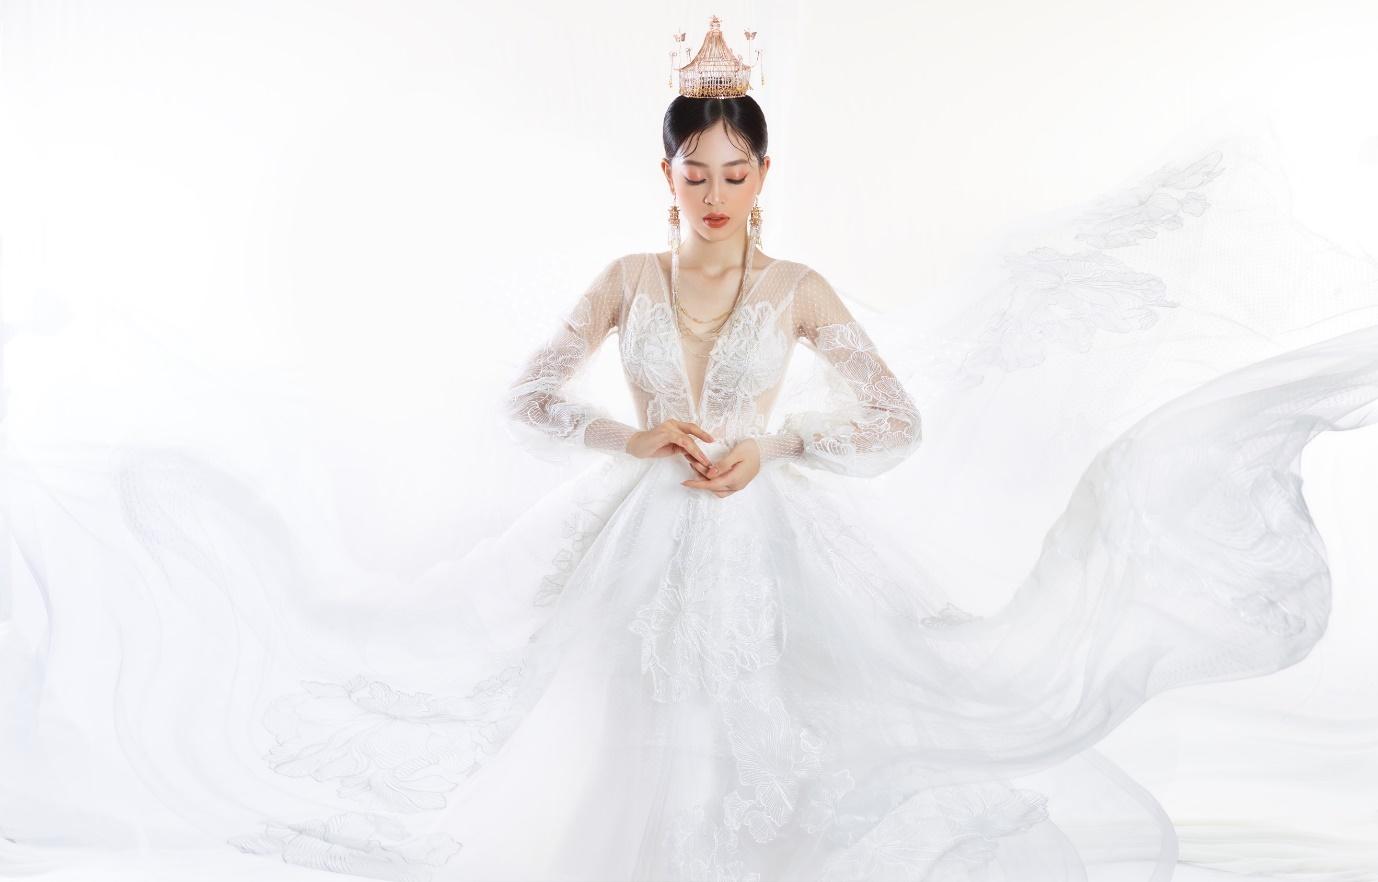 Ngắm Á hậu Bùi Phương Nga đẹp ngẩn ngơ trong BST váy cưới - Ảnh 7.